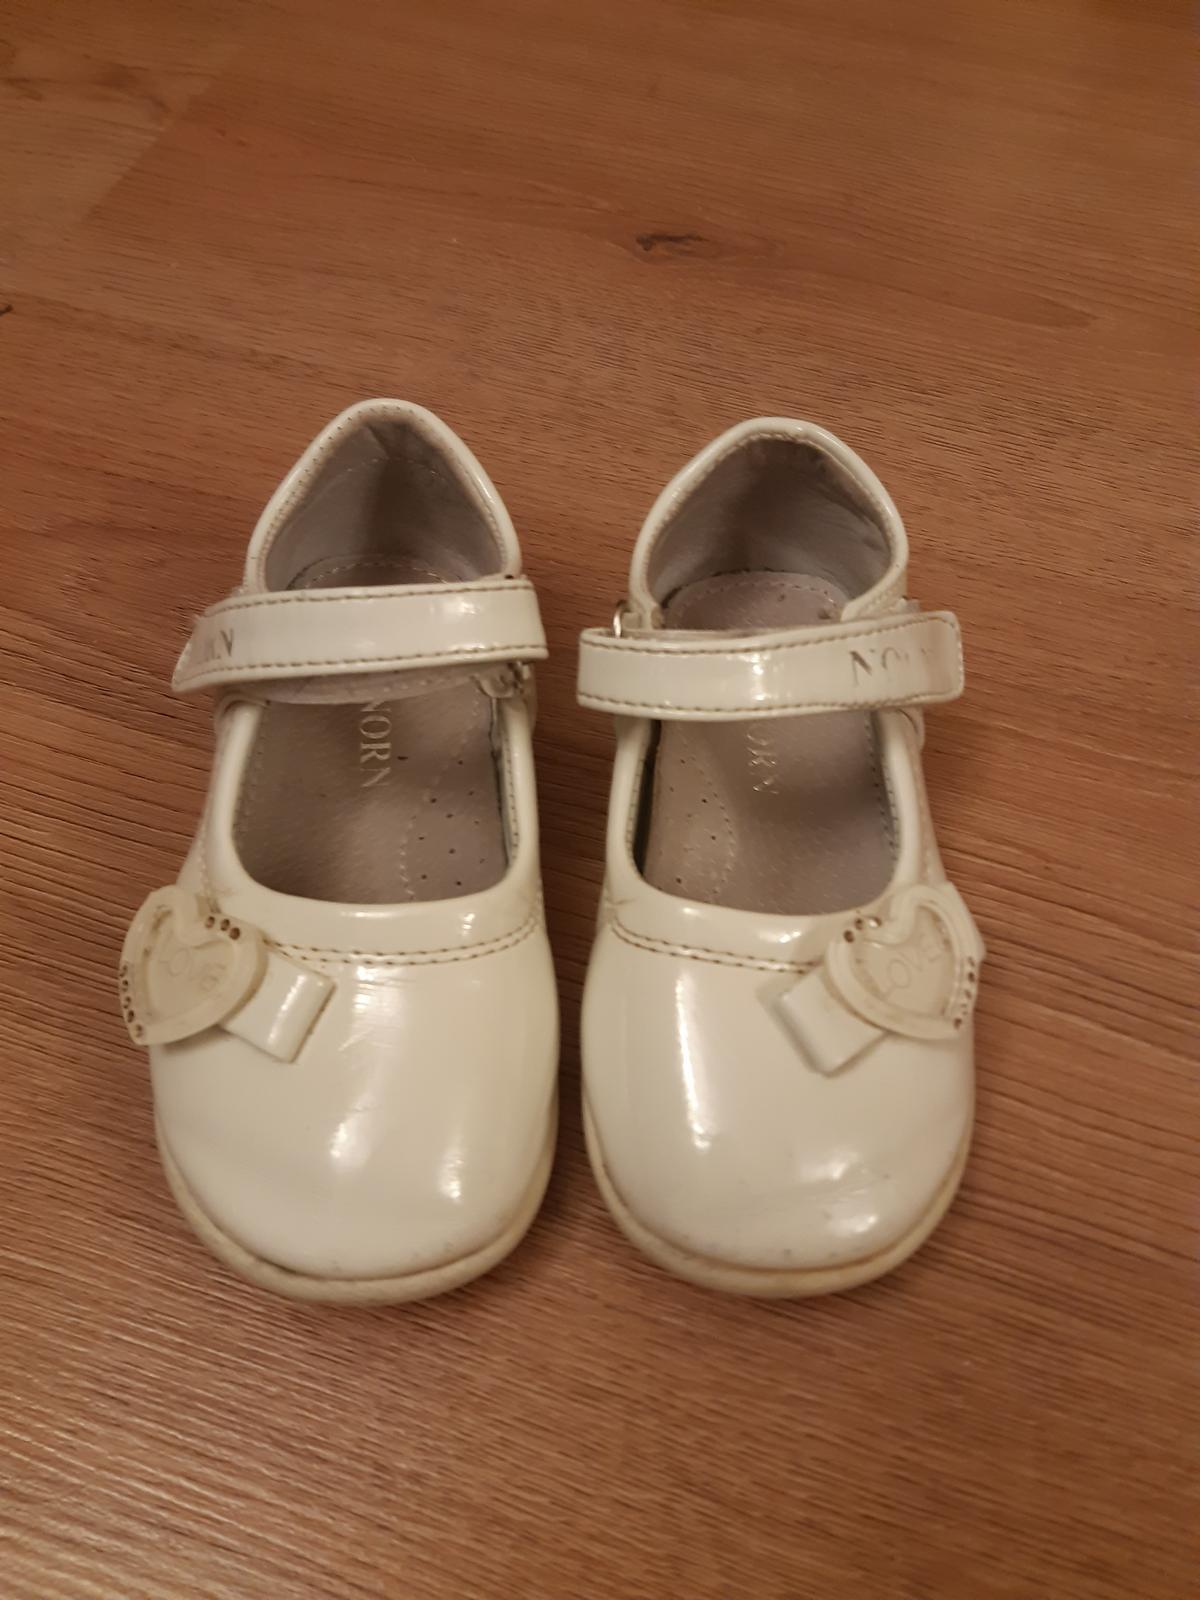 Dievčenské topánky  - Obrázok č. 1